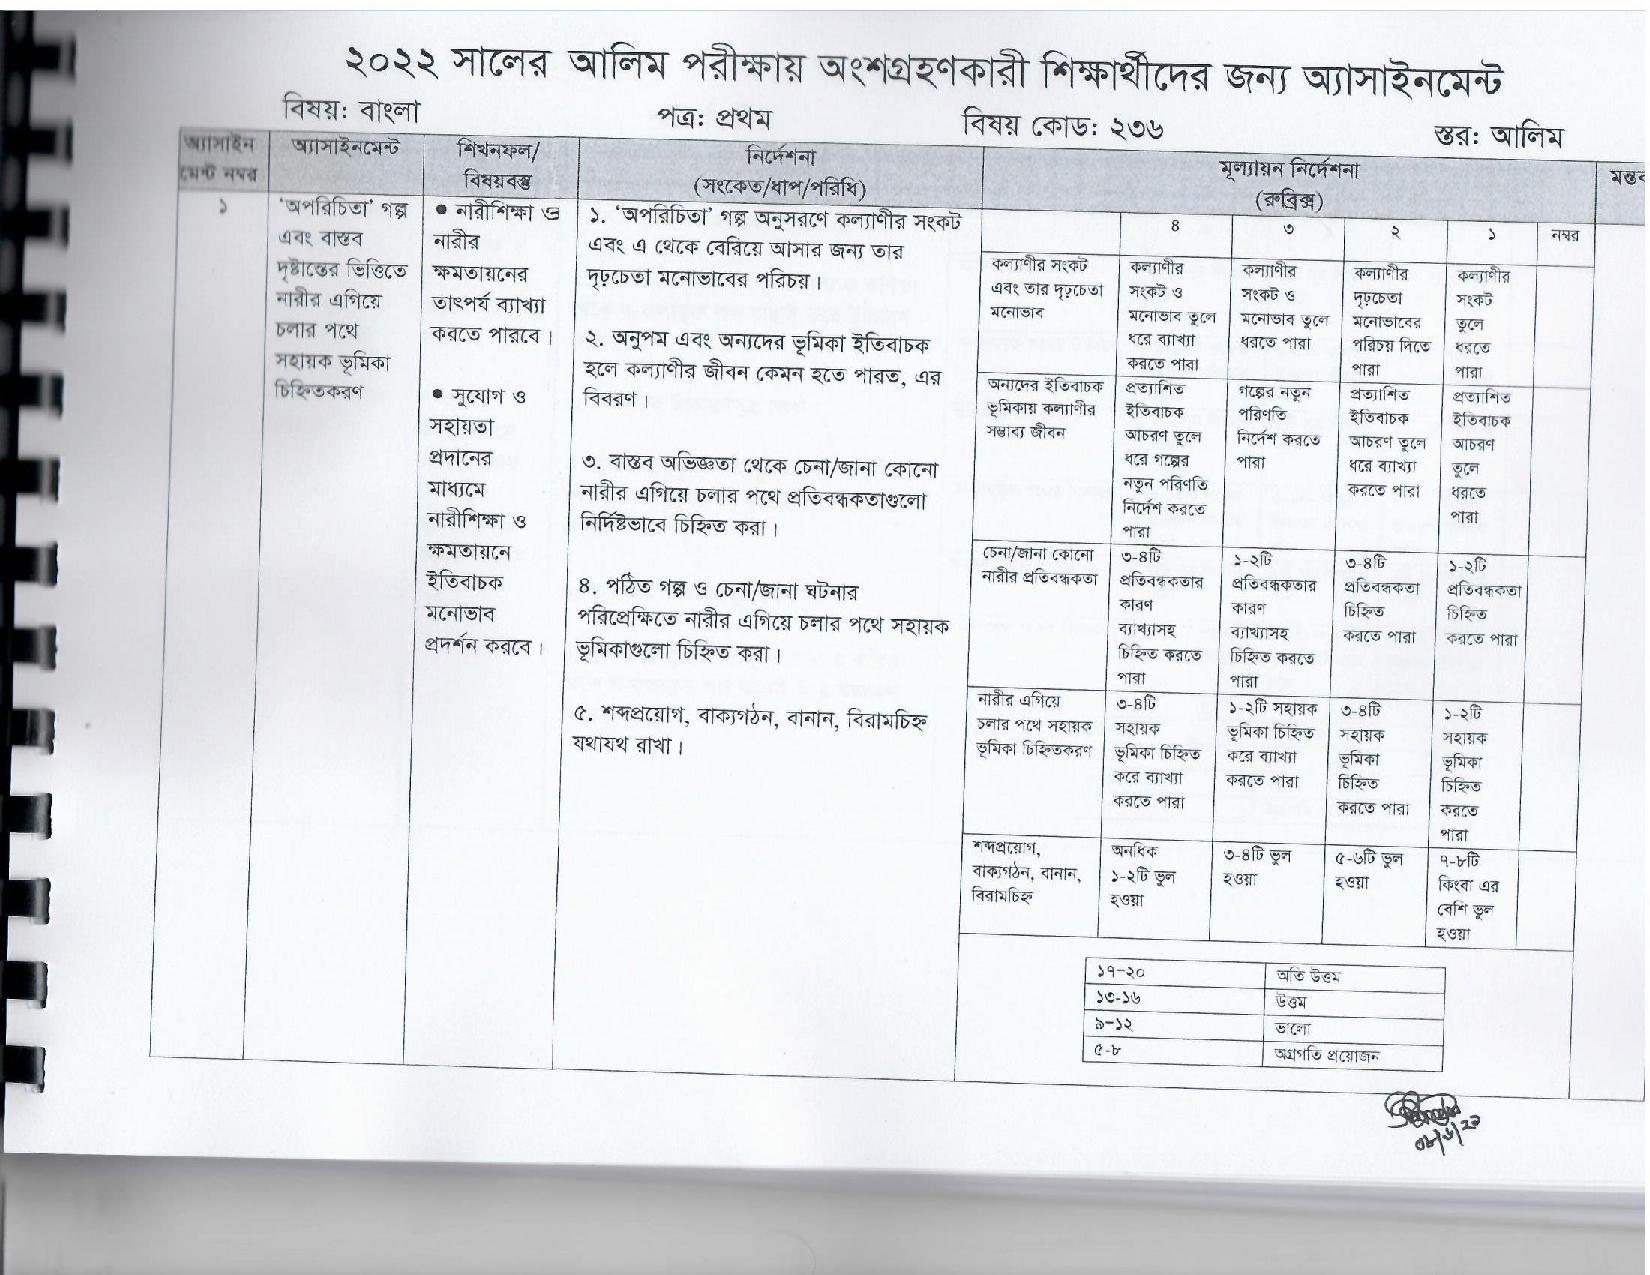 Bangla-2-page-001